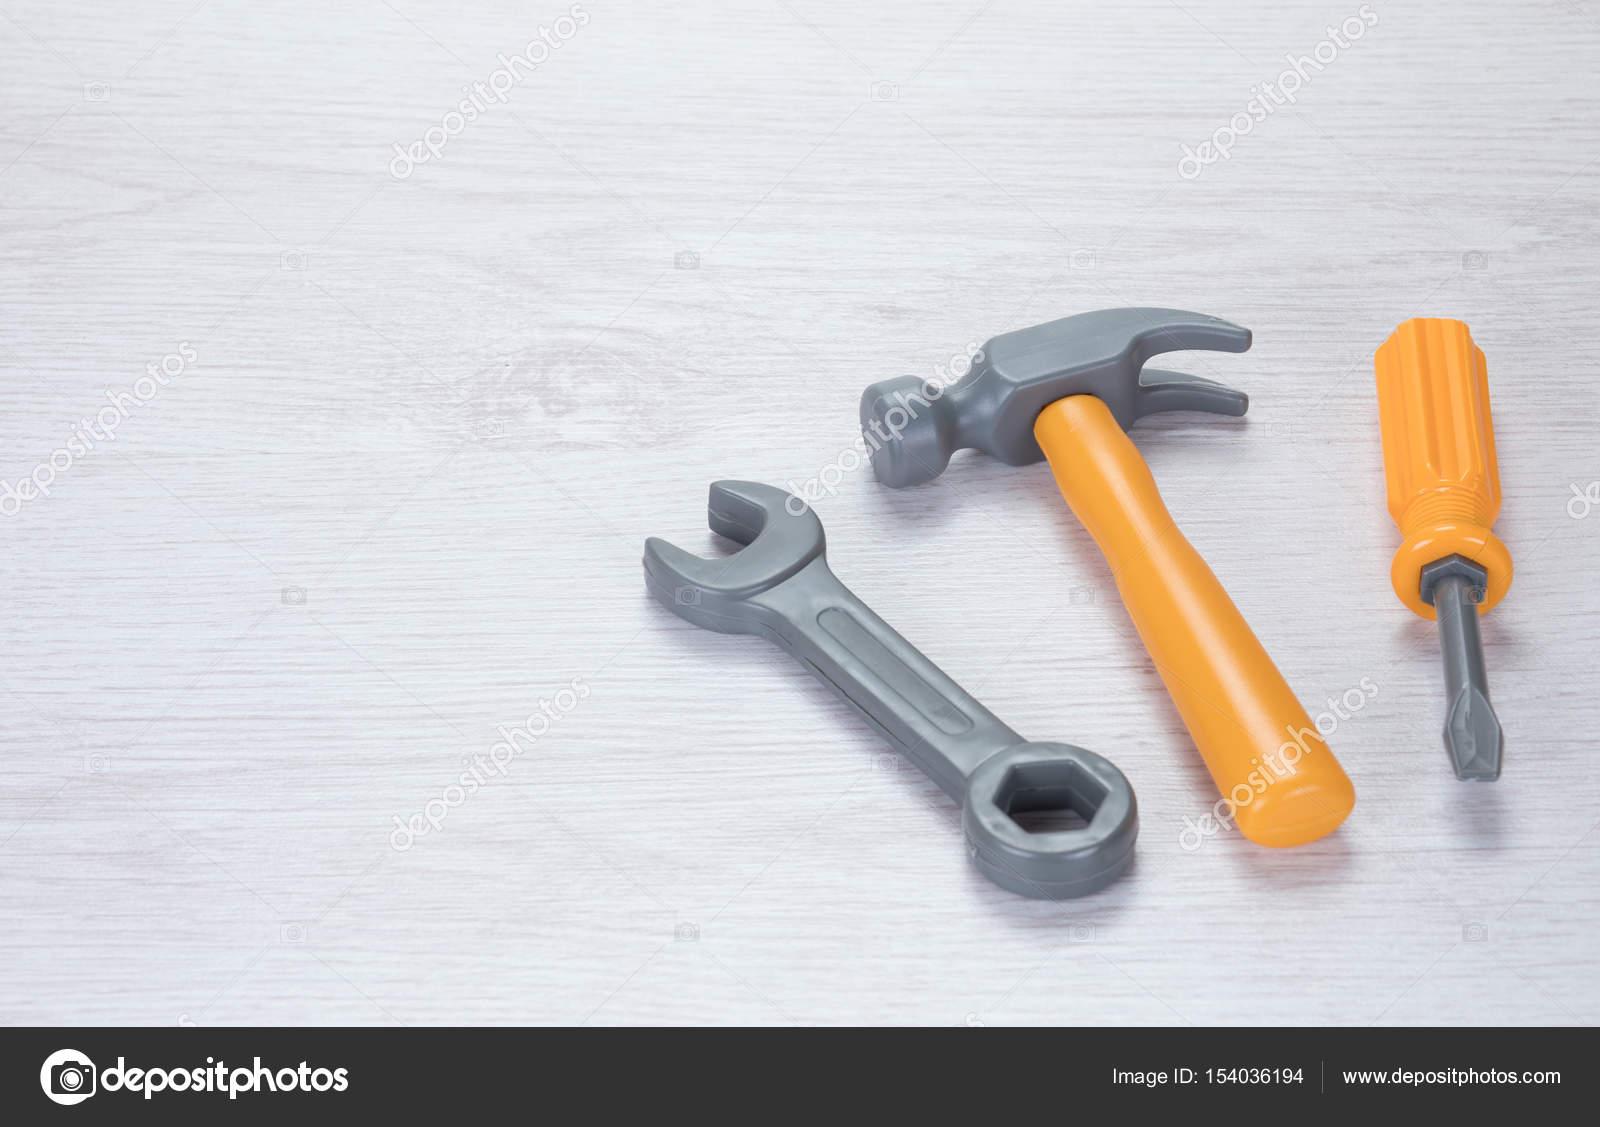 Concetto di DIY e ristrutturazione — Foto Stock © mattkusb #154036194